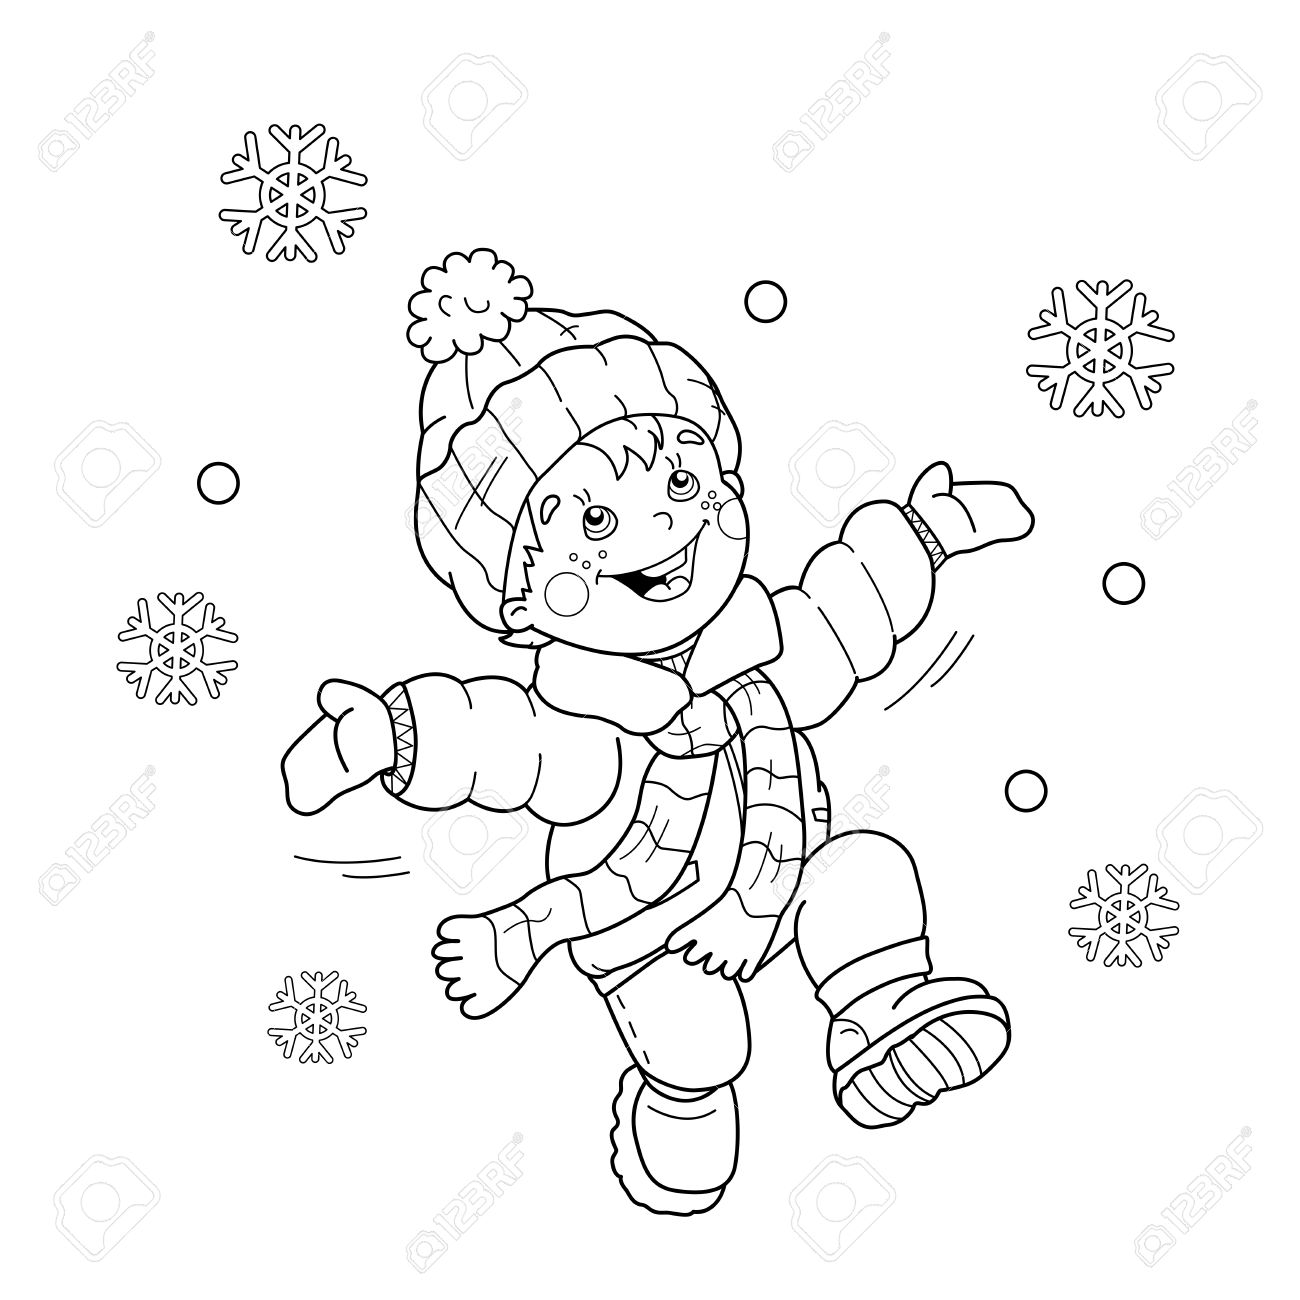 Página Para Colorear Esquema Del Niño De Dibujos Animados Saltando De Alegría Primera Nevada Invierno Libro De Colorear Para Niños